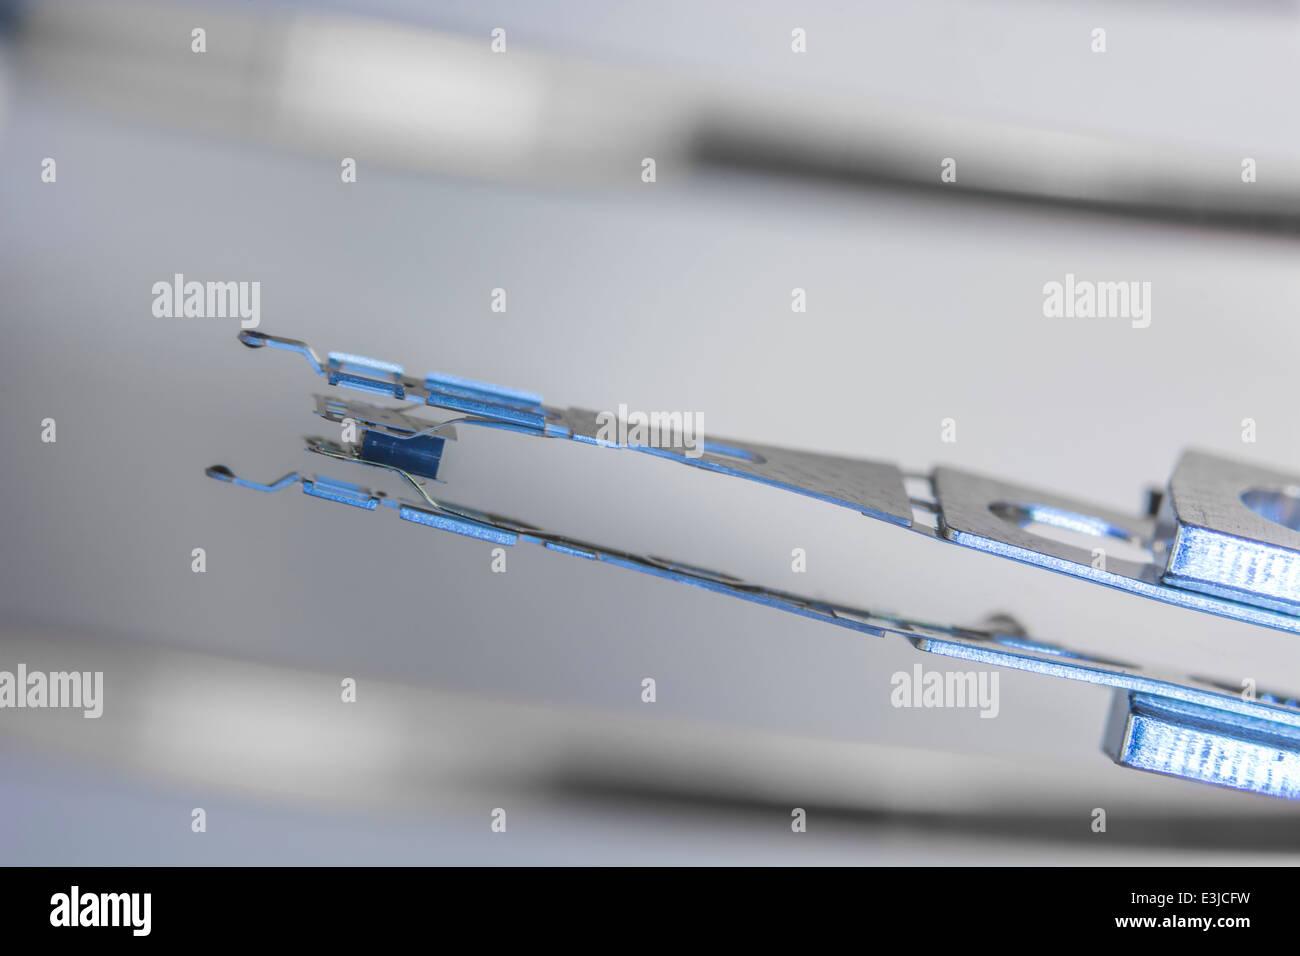 Makro Foto von HDD-Schreib-Lese-Kopf und Arm ruht auf Platte. Visuelle Metapher für das Konzept der Datensicherheit, Stockbild